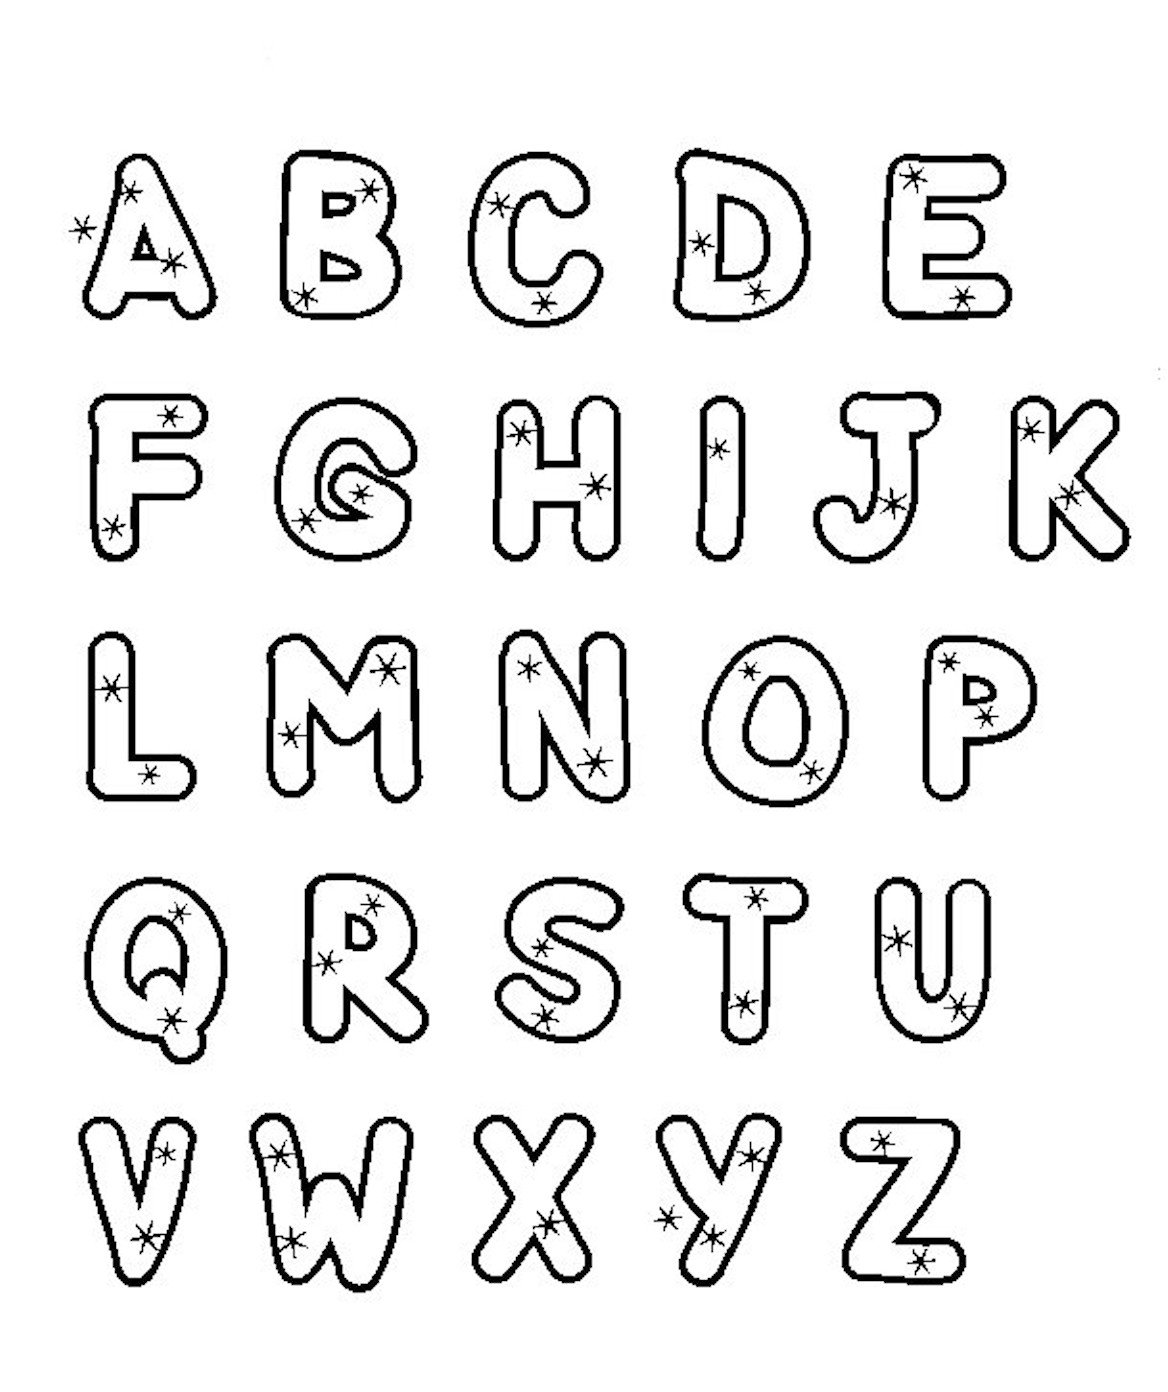 Conosciuto Alfabeto 1 | Alfabeto - Disegni da colorare per adulti - JustColor.net GI01